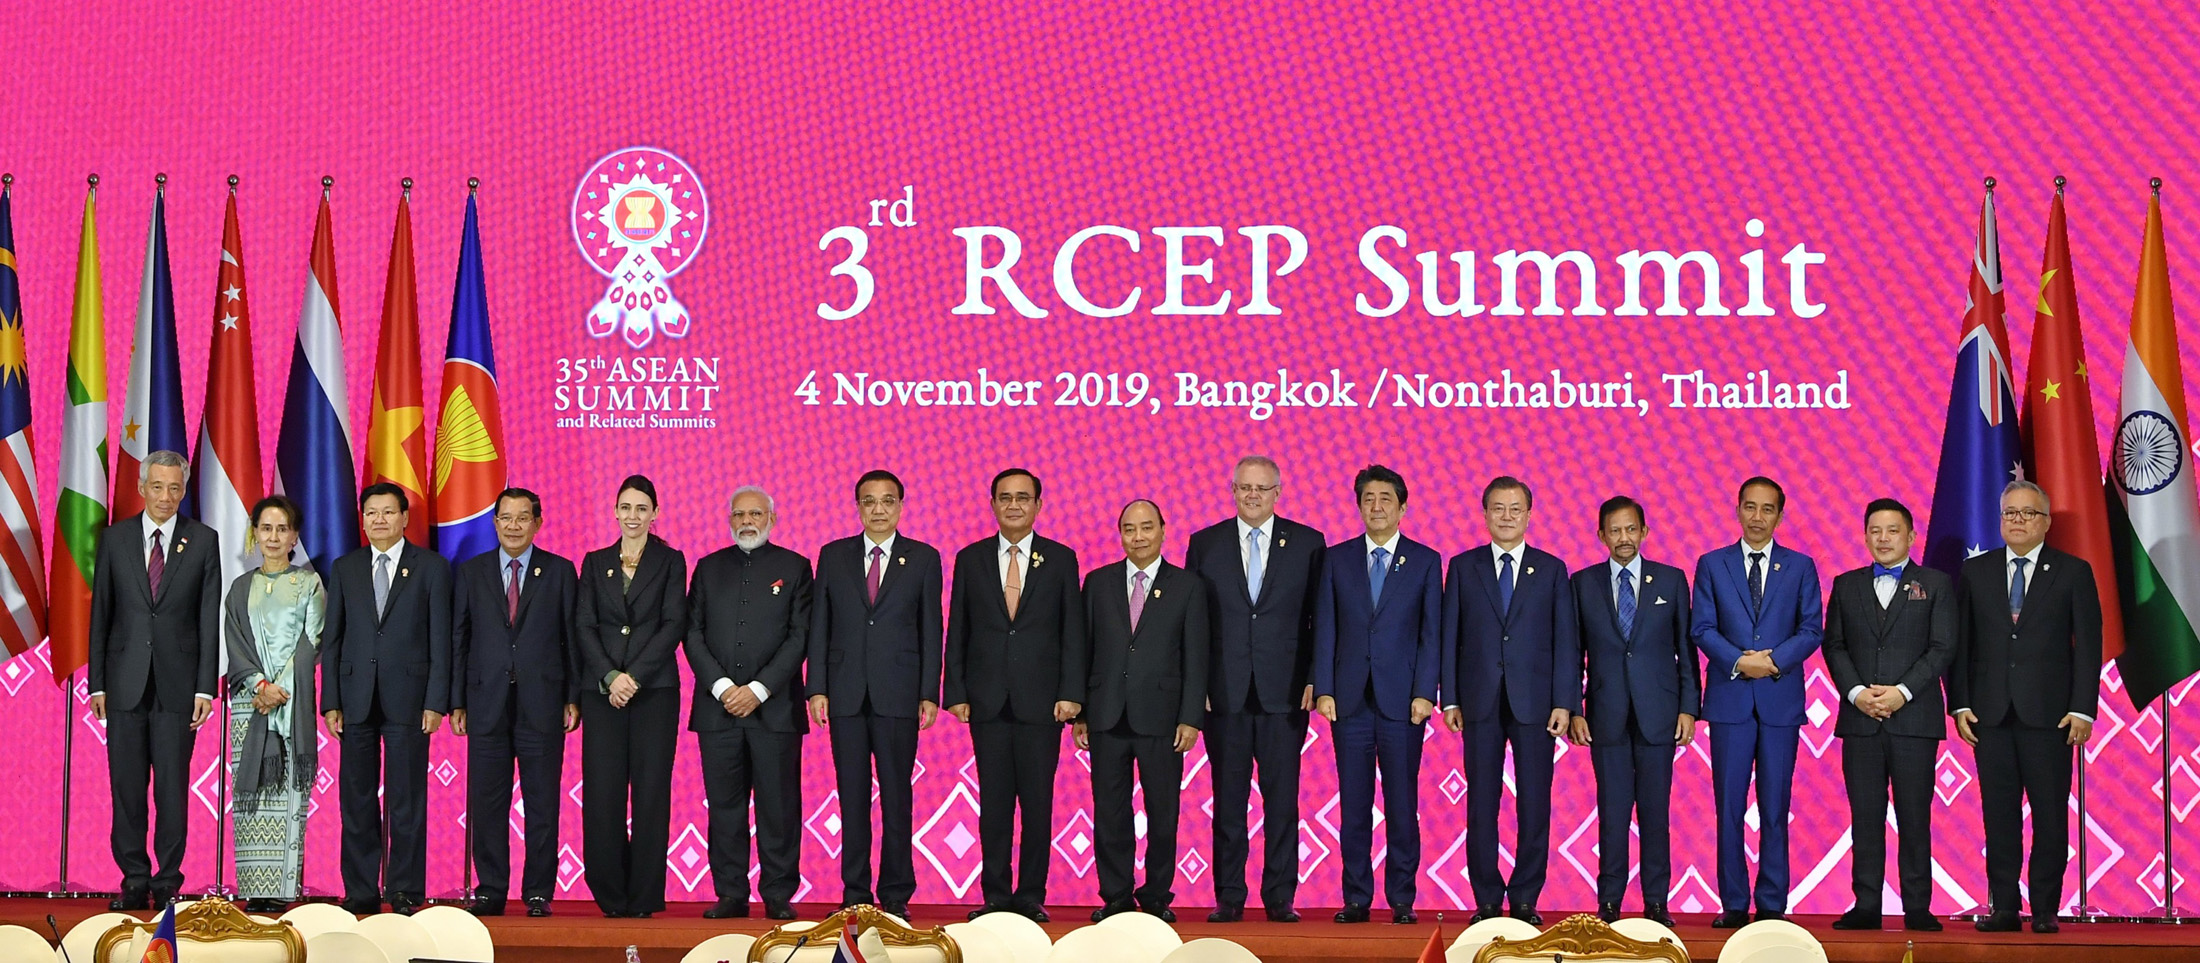 تھائی لینڈ کے بنکاک میں تیسری آر سی ای پی کانفرنس کے دوران غیر ملکی رہنماؤں کے ساتھ وزیر اعظم نریندر مودی(فوٹو بہ شکریہ: پی آئی بی)